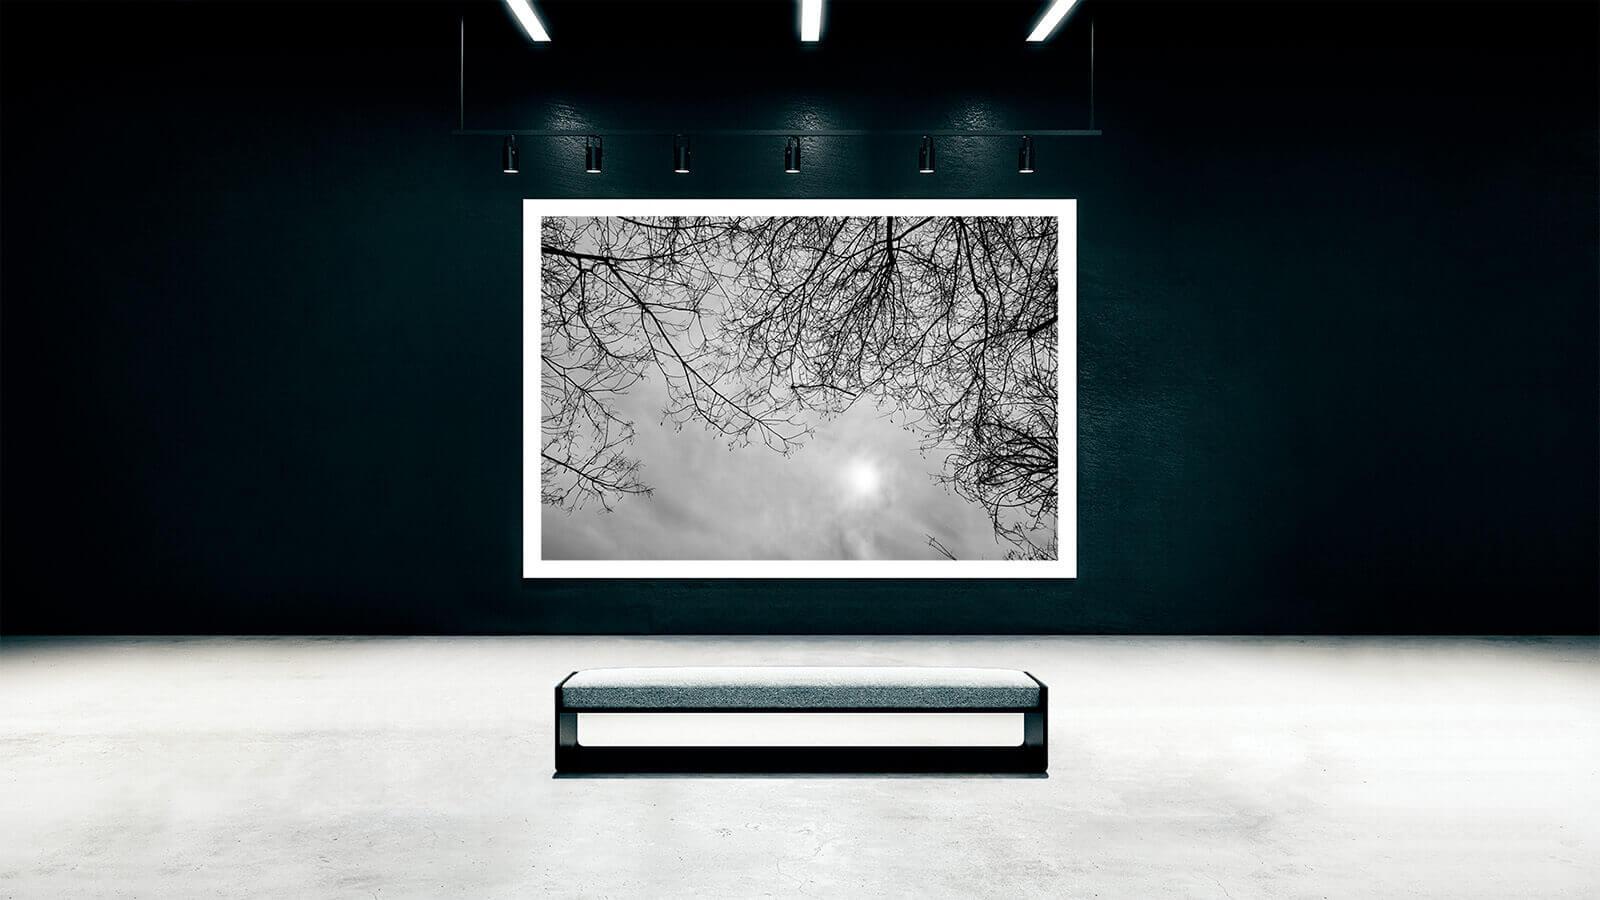 TAIYOKO-STUDIO-exposicion-Horno-Virtual-Gallery-looking-for-the-ligth-galeria-arte-fotografia-artistica-edicion-limitada-decoracion